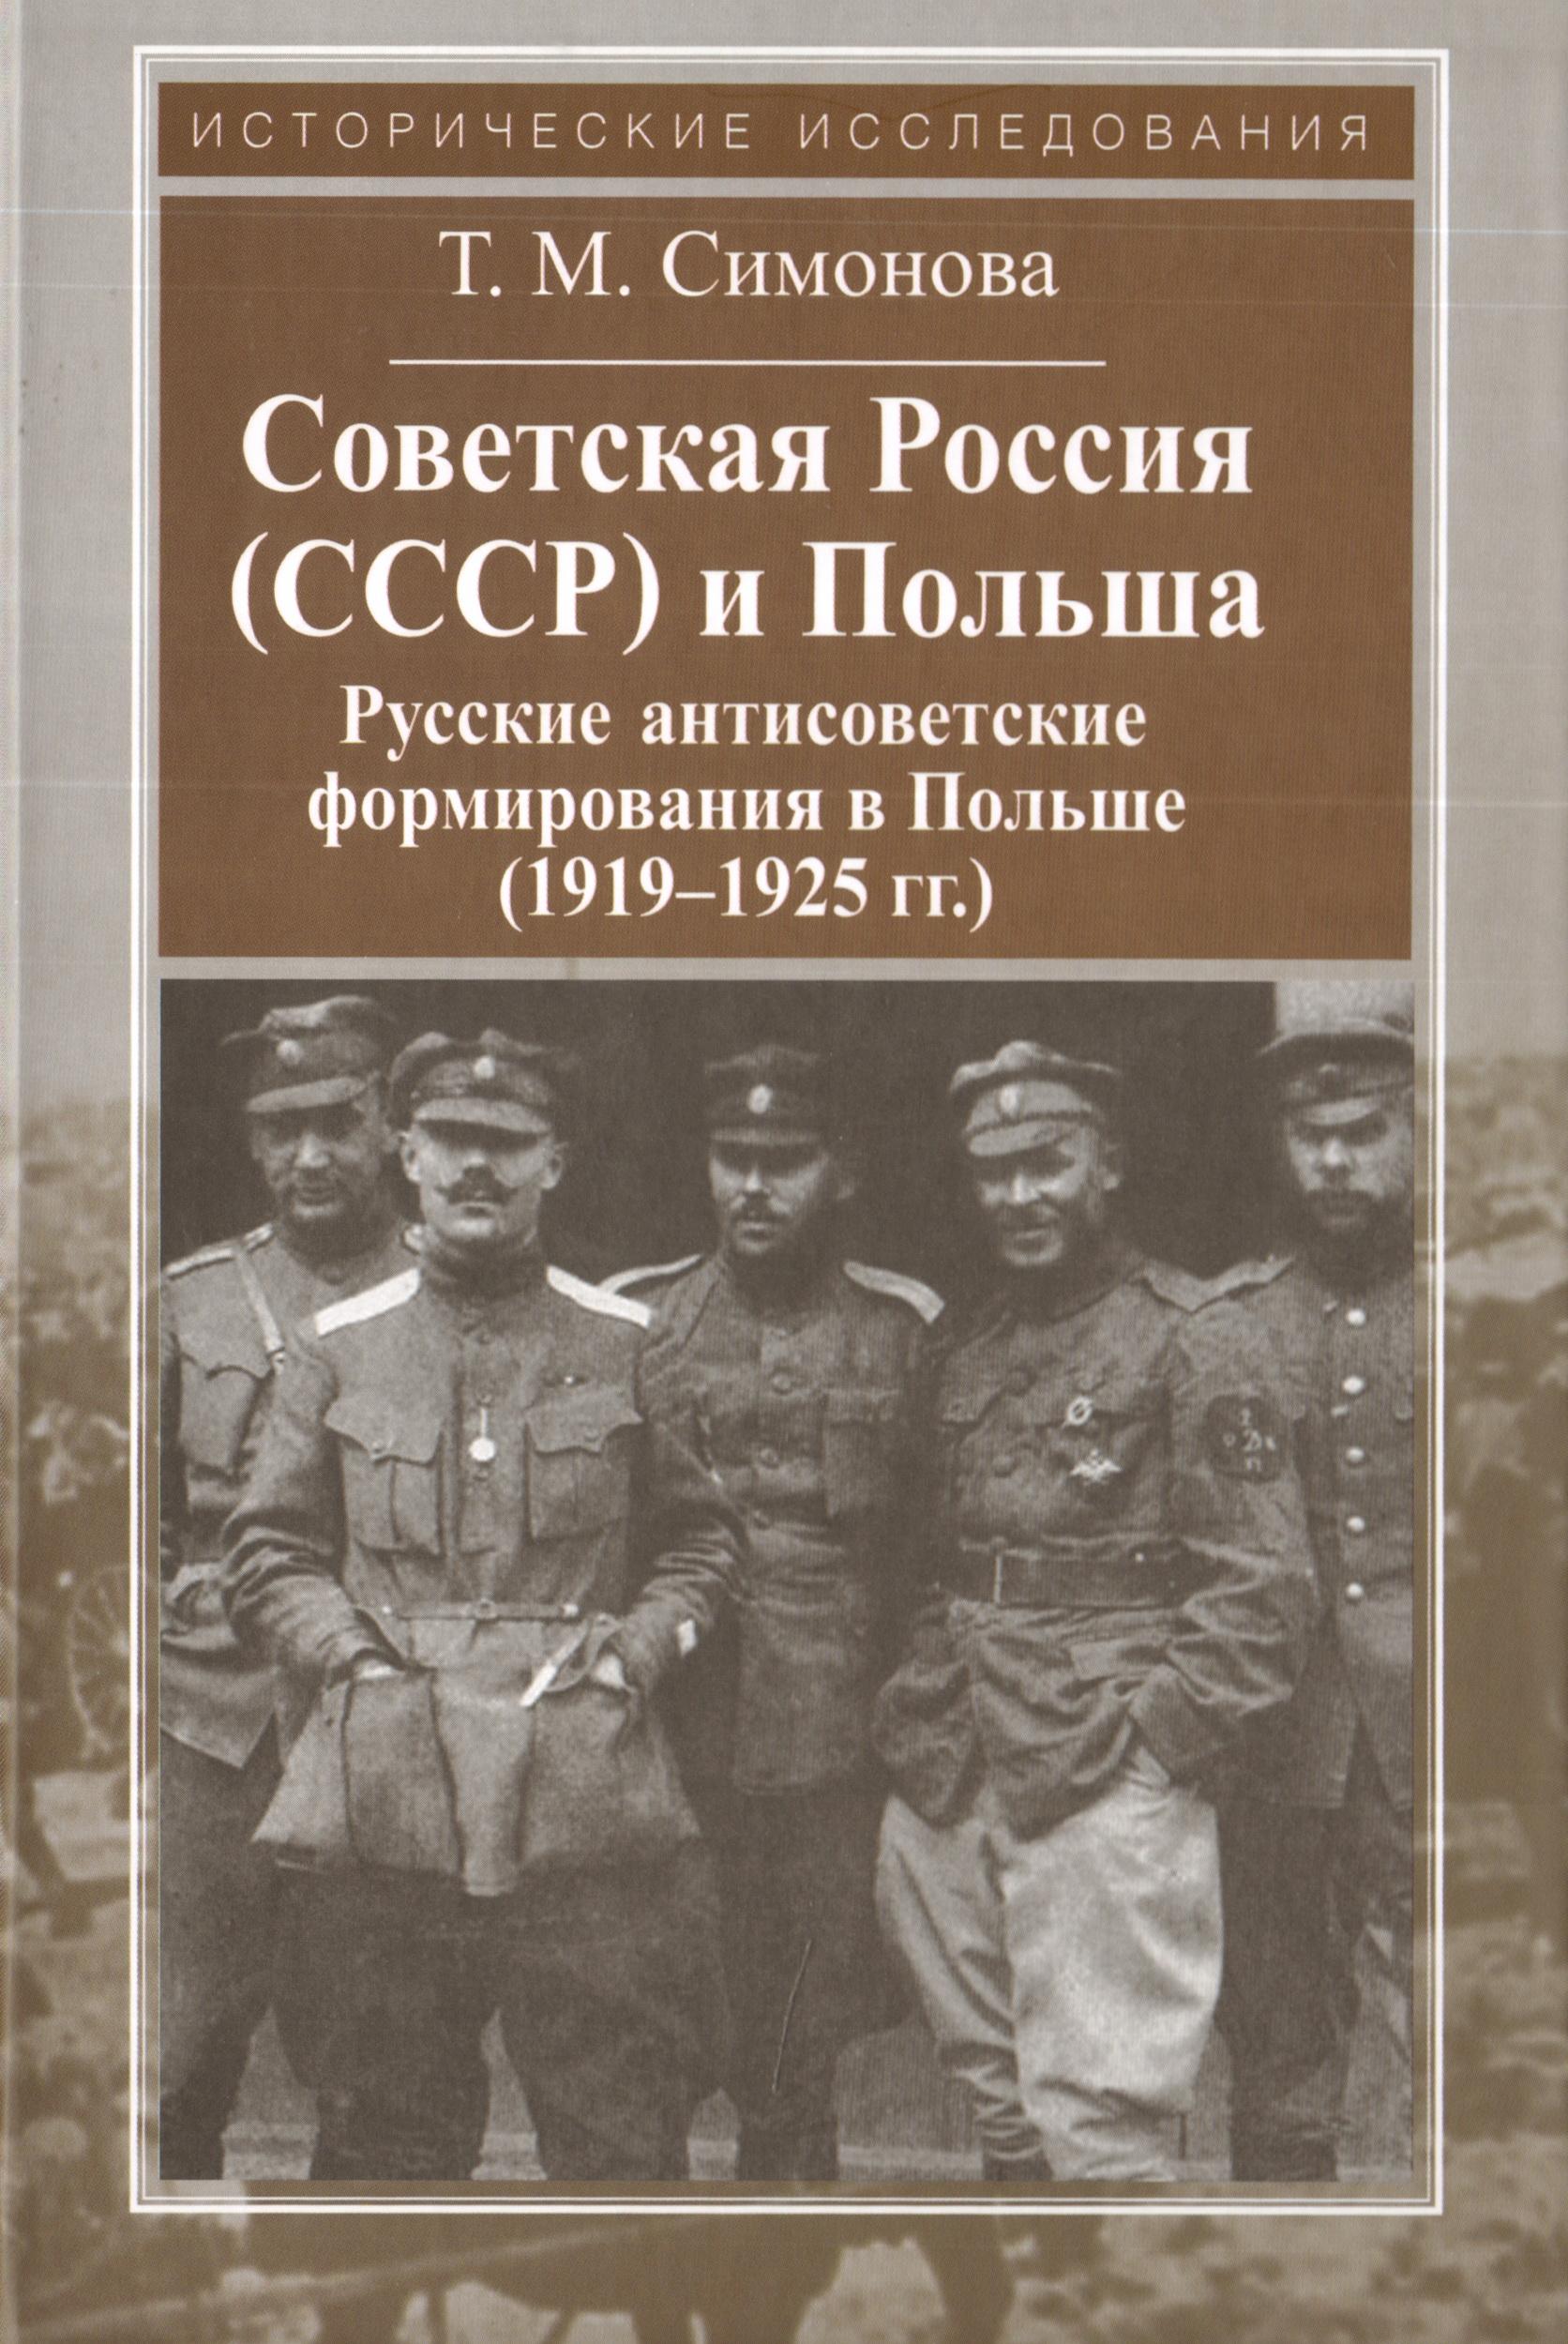 Советская Россия (СССР) и Польша: Русские антисоветские формирования в Польше (1919—1925 гг.). 2-е издание